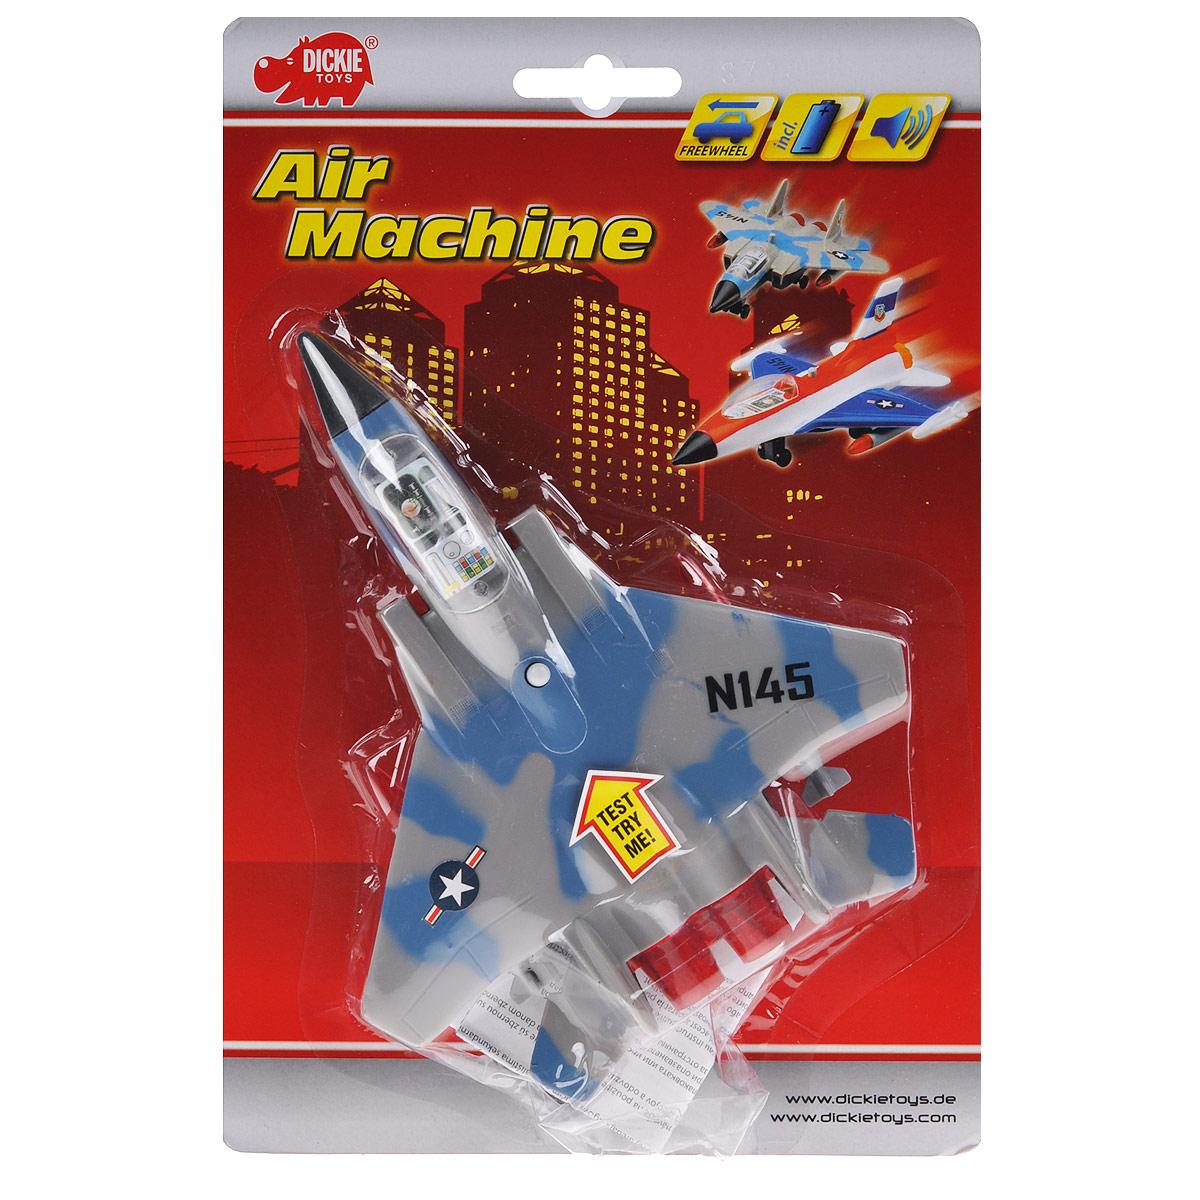 DICKIE Истребитель Dickie Toys, в ассортименте3553006Истребитель Dickie Toys является миниатюрной копией настоящего истребителя. Игрушка, изготовленная из пластика, порадует вашего малыша. Истребитель снабжен двумя шасси и двумя ракетами для запуска. При нажатии кнопки на корпусе слышны реалистичные звуки взлетающего и садящегося истребителя.